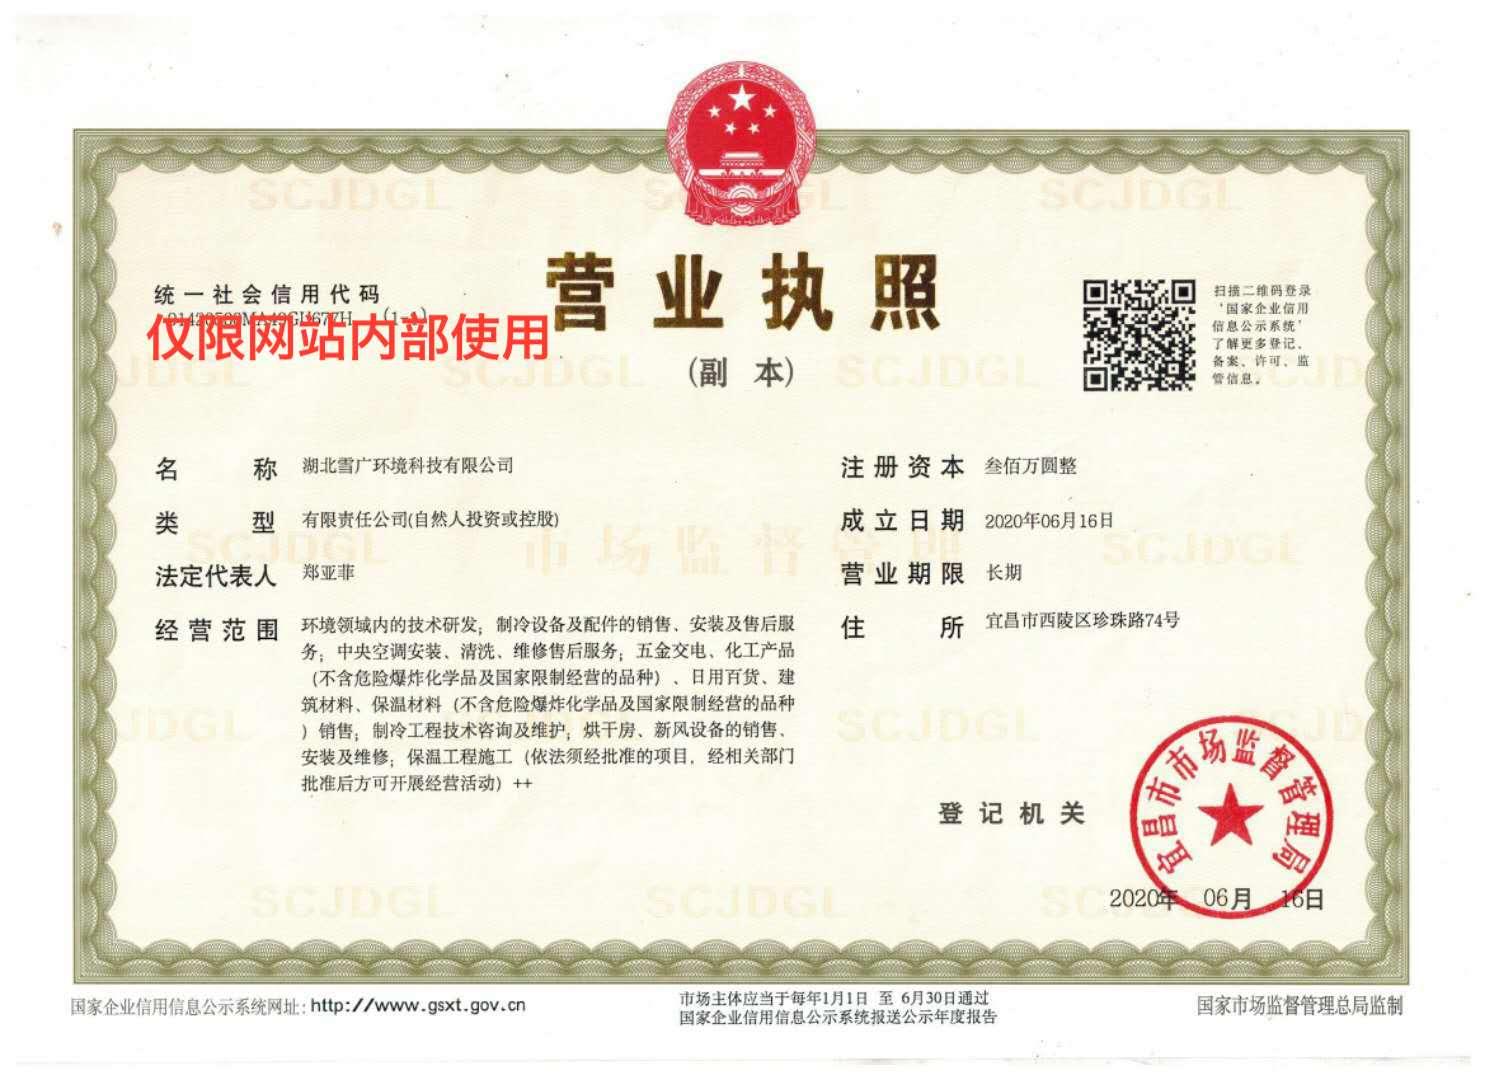 雪广环境科技营业执照